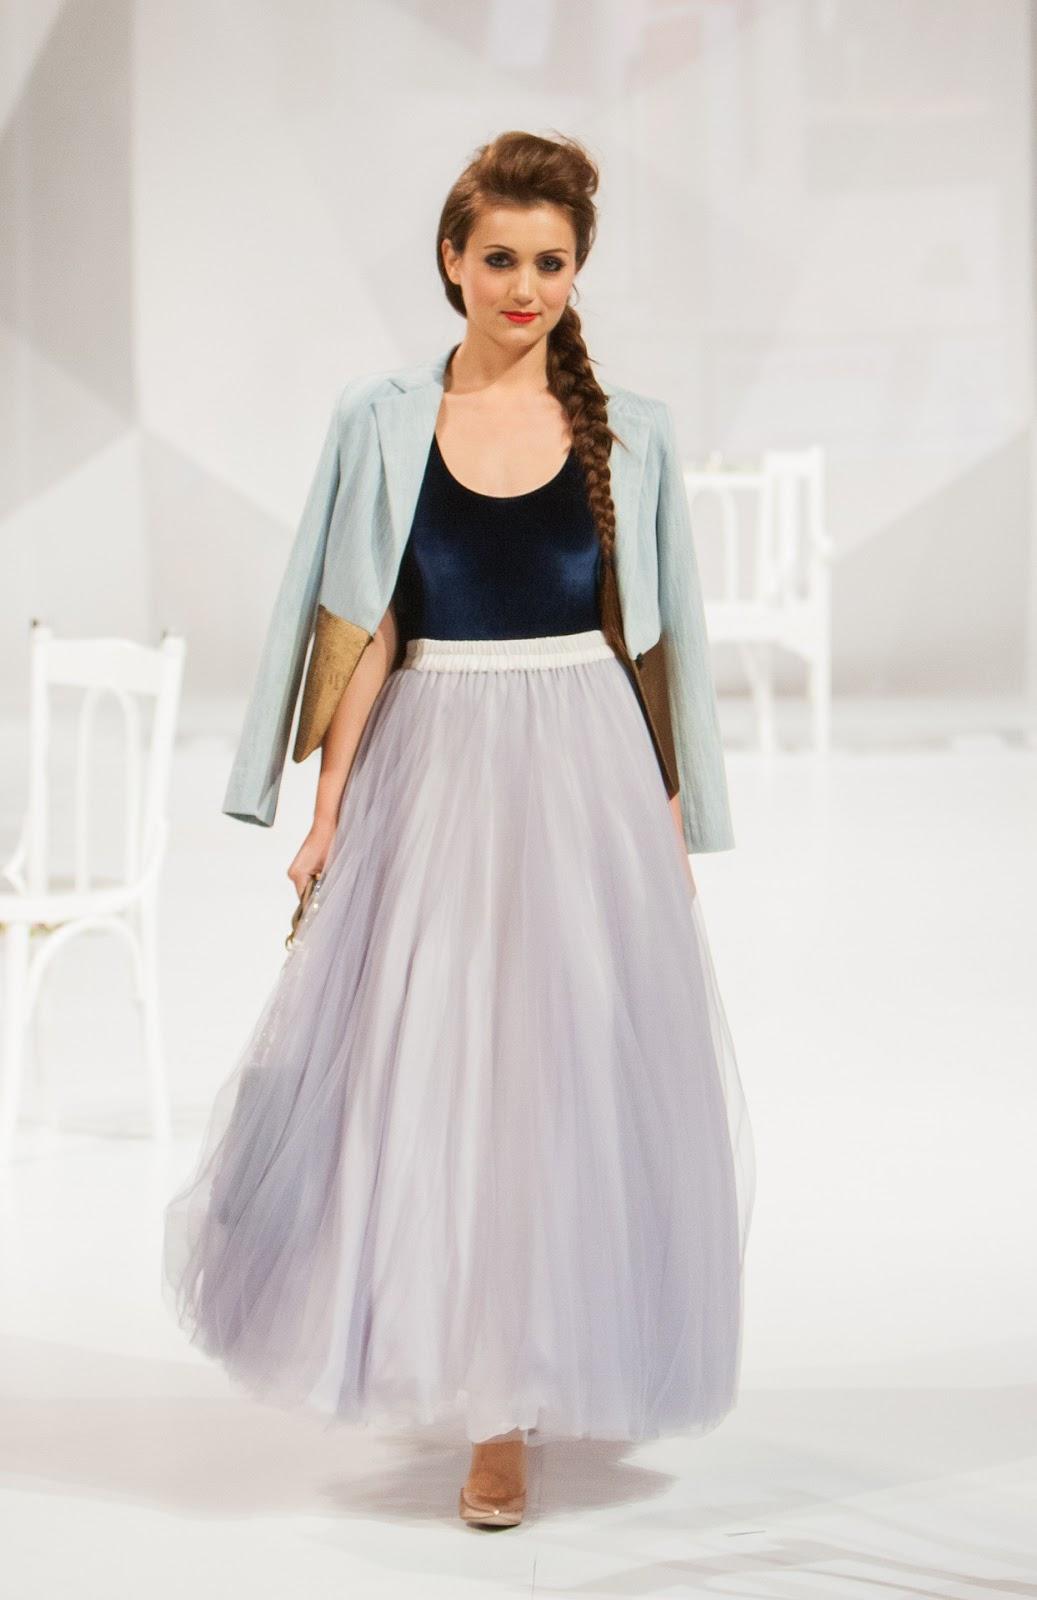 Elegance woman in dress